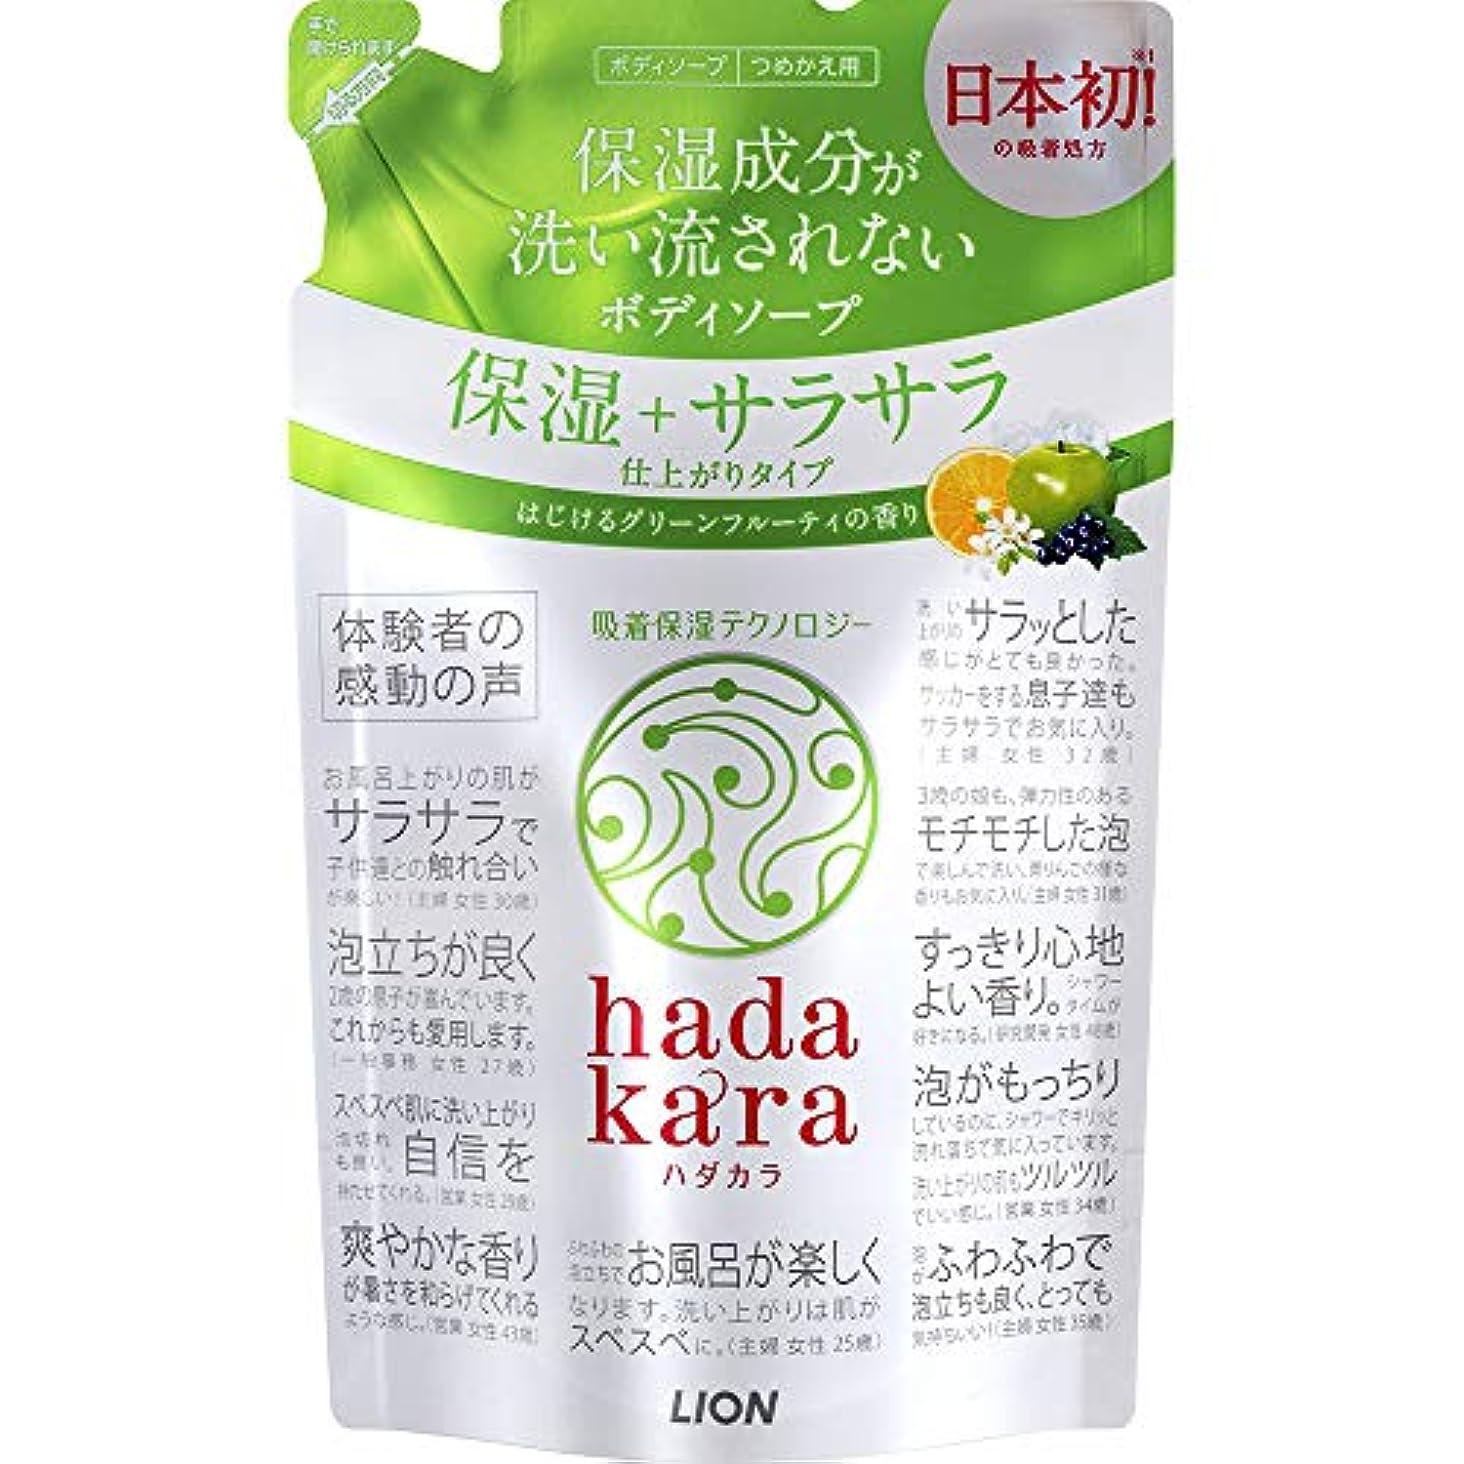 ディレクトリミント抽象化hadakara(ハダカラ) ボディソープ 保湿+サラサラ仕上がりタイプ グリーンフルーティの香り 詰め替え 340ml